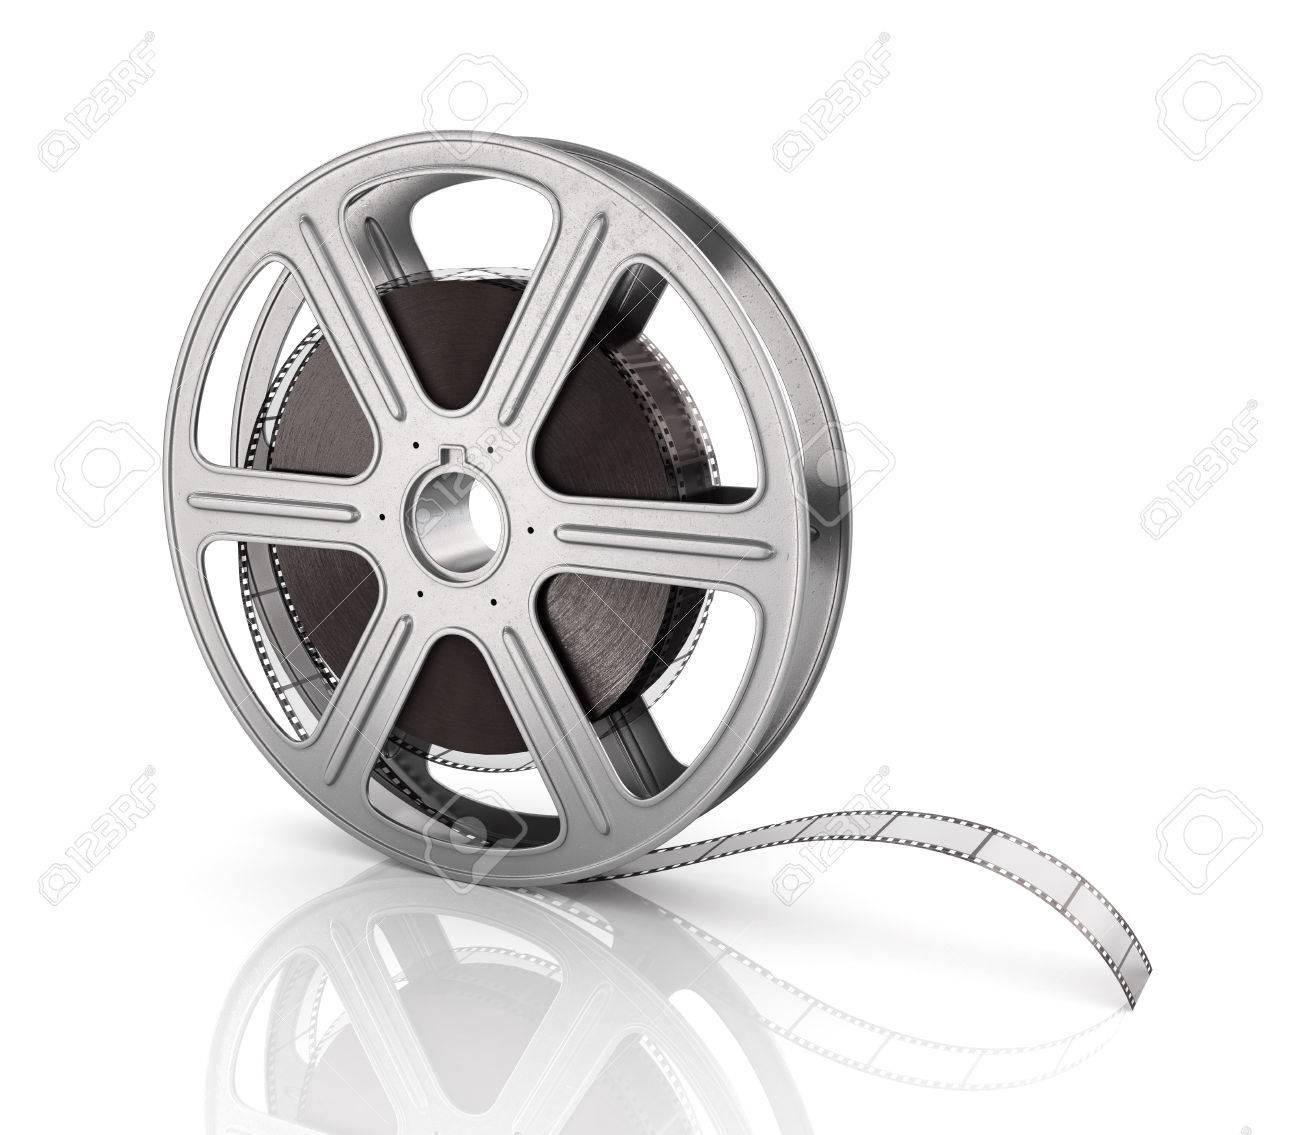 Bewegtbild-Filmrolle Auf Dem Weißen Hintergrund. Lizenzfreie Fotos ...